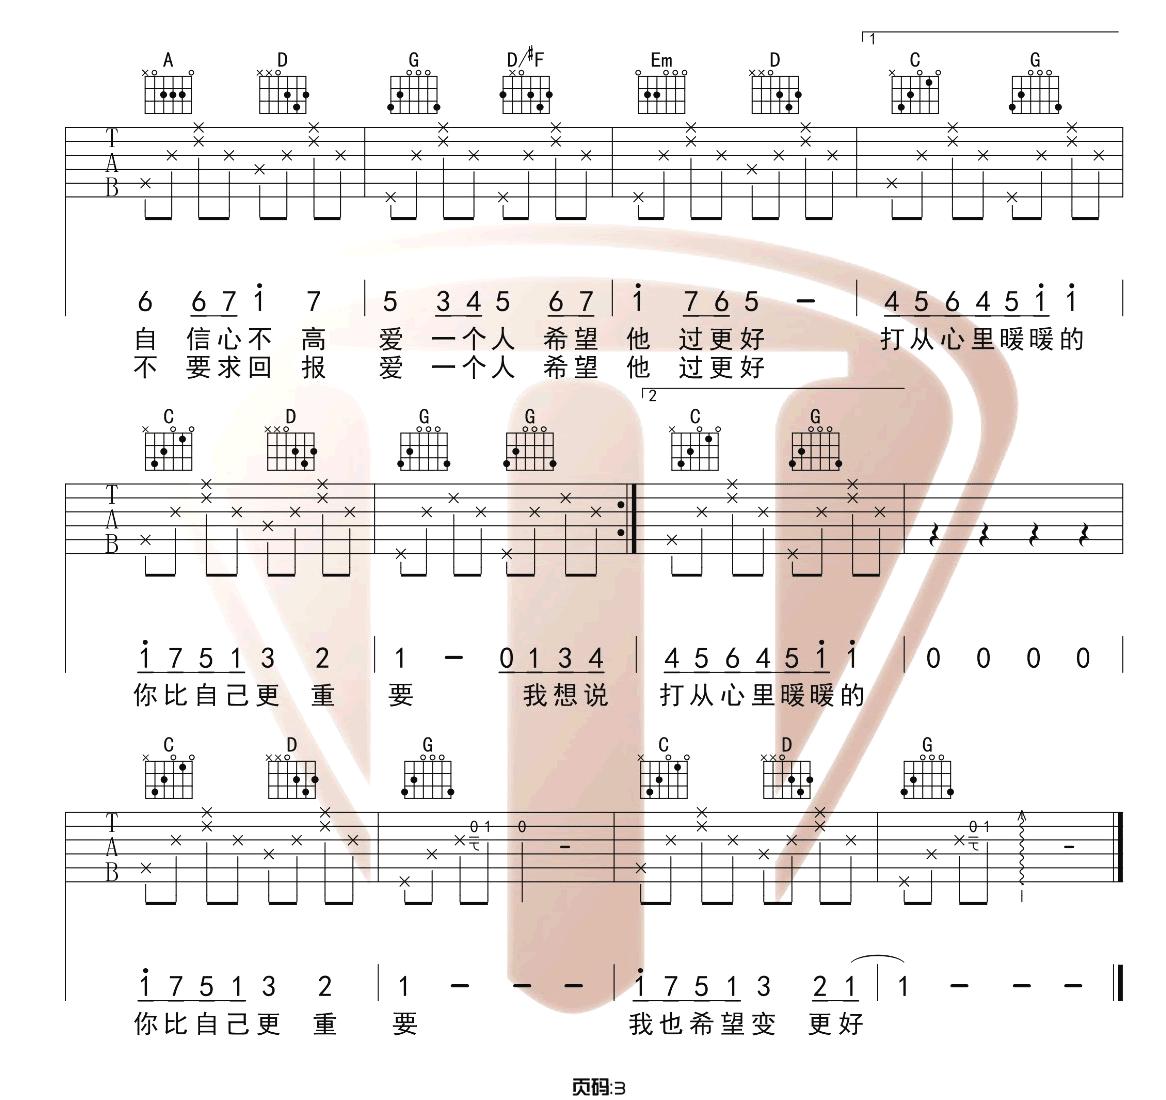 暖暖吉他谱_梁静茹_《暖暖》G调原版吉他弹唱六线谱_高清图片谱3